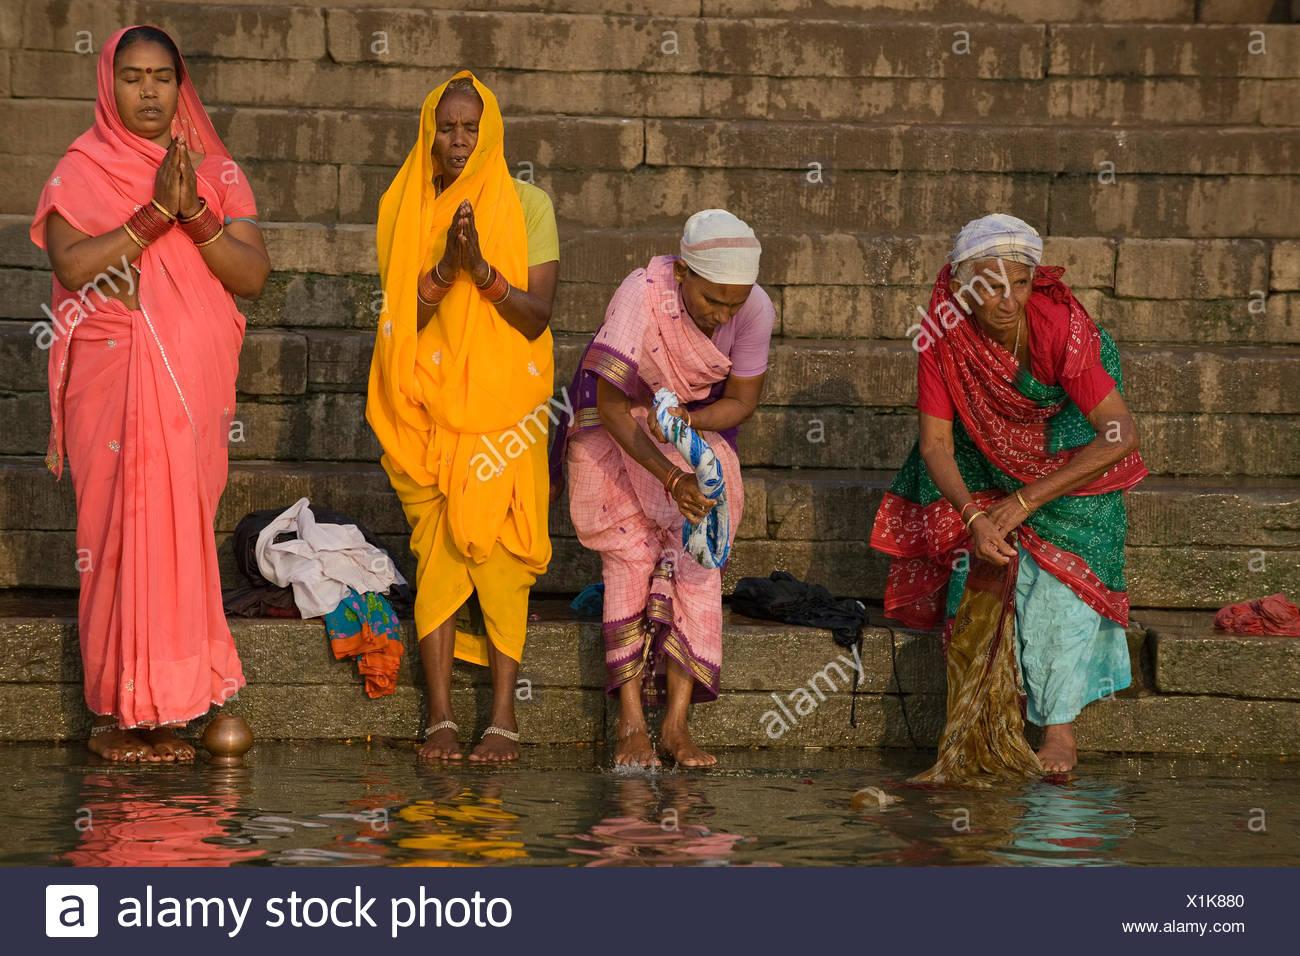 Las mujeres en la oración de la mañana hindú Puya, río Ganges, Varanasi, Uttar Pradesh, India, Asia Imagen De Stock